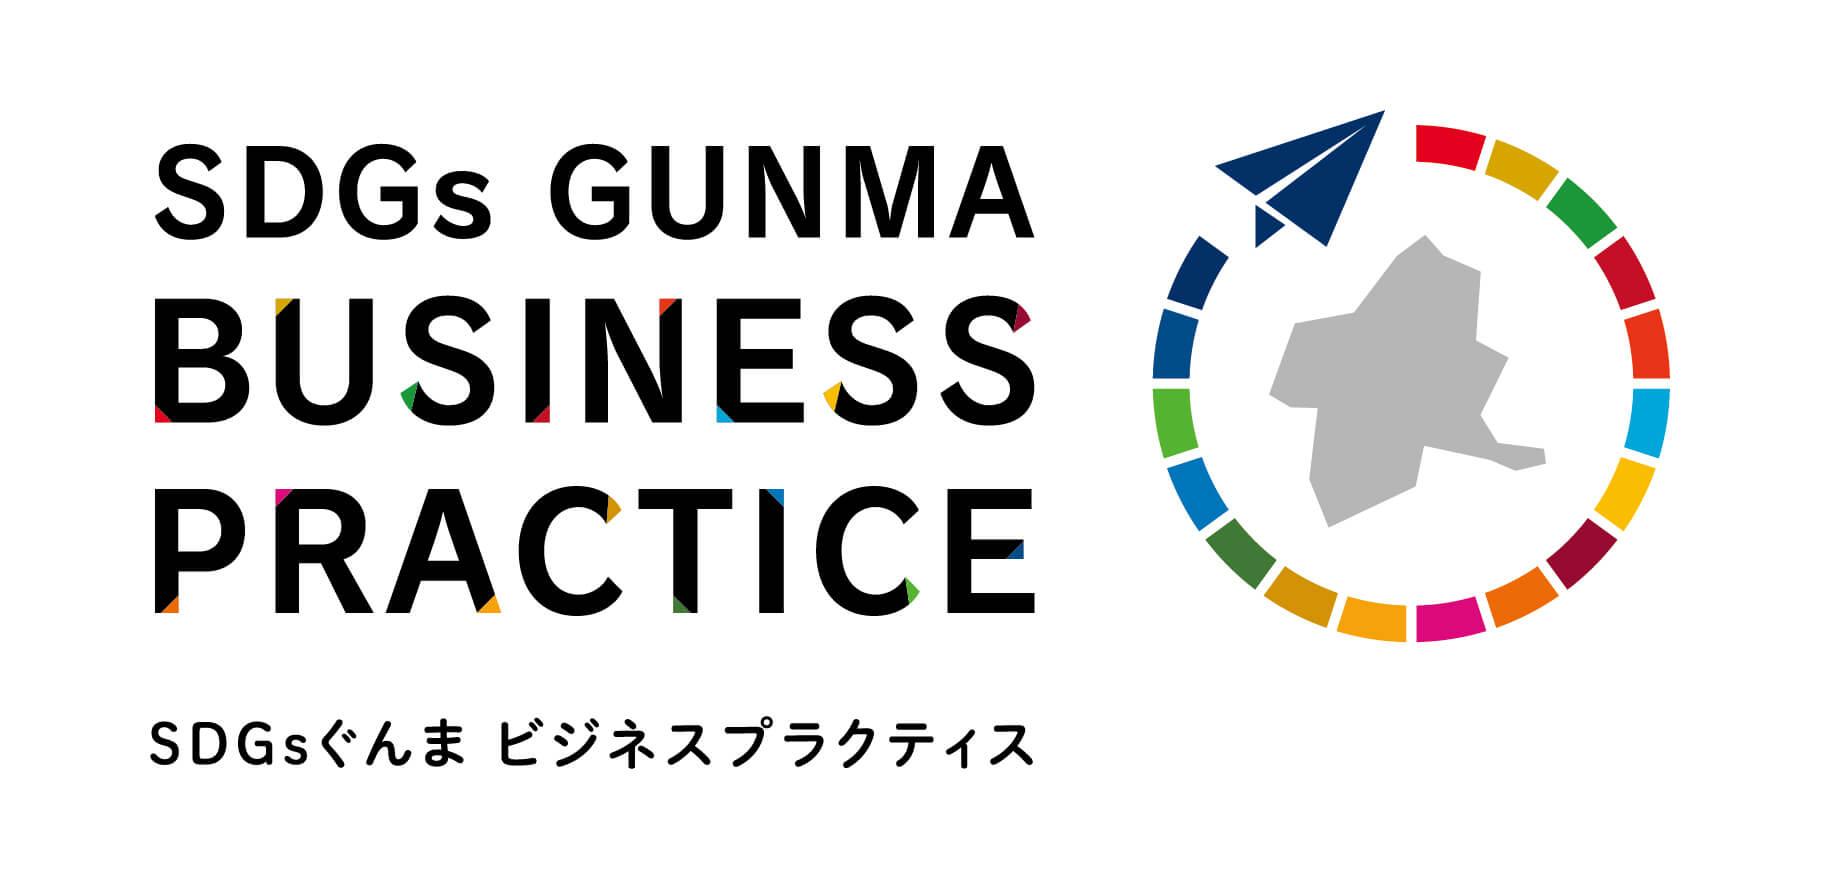 SDGsぐんまビジネスプラクティスに選定されました